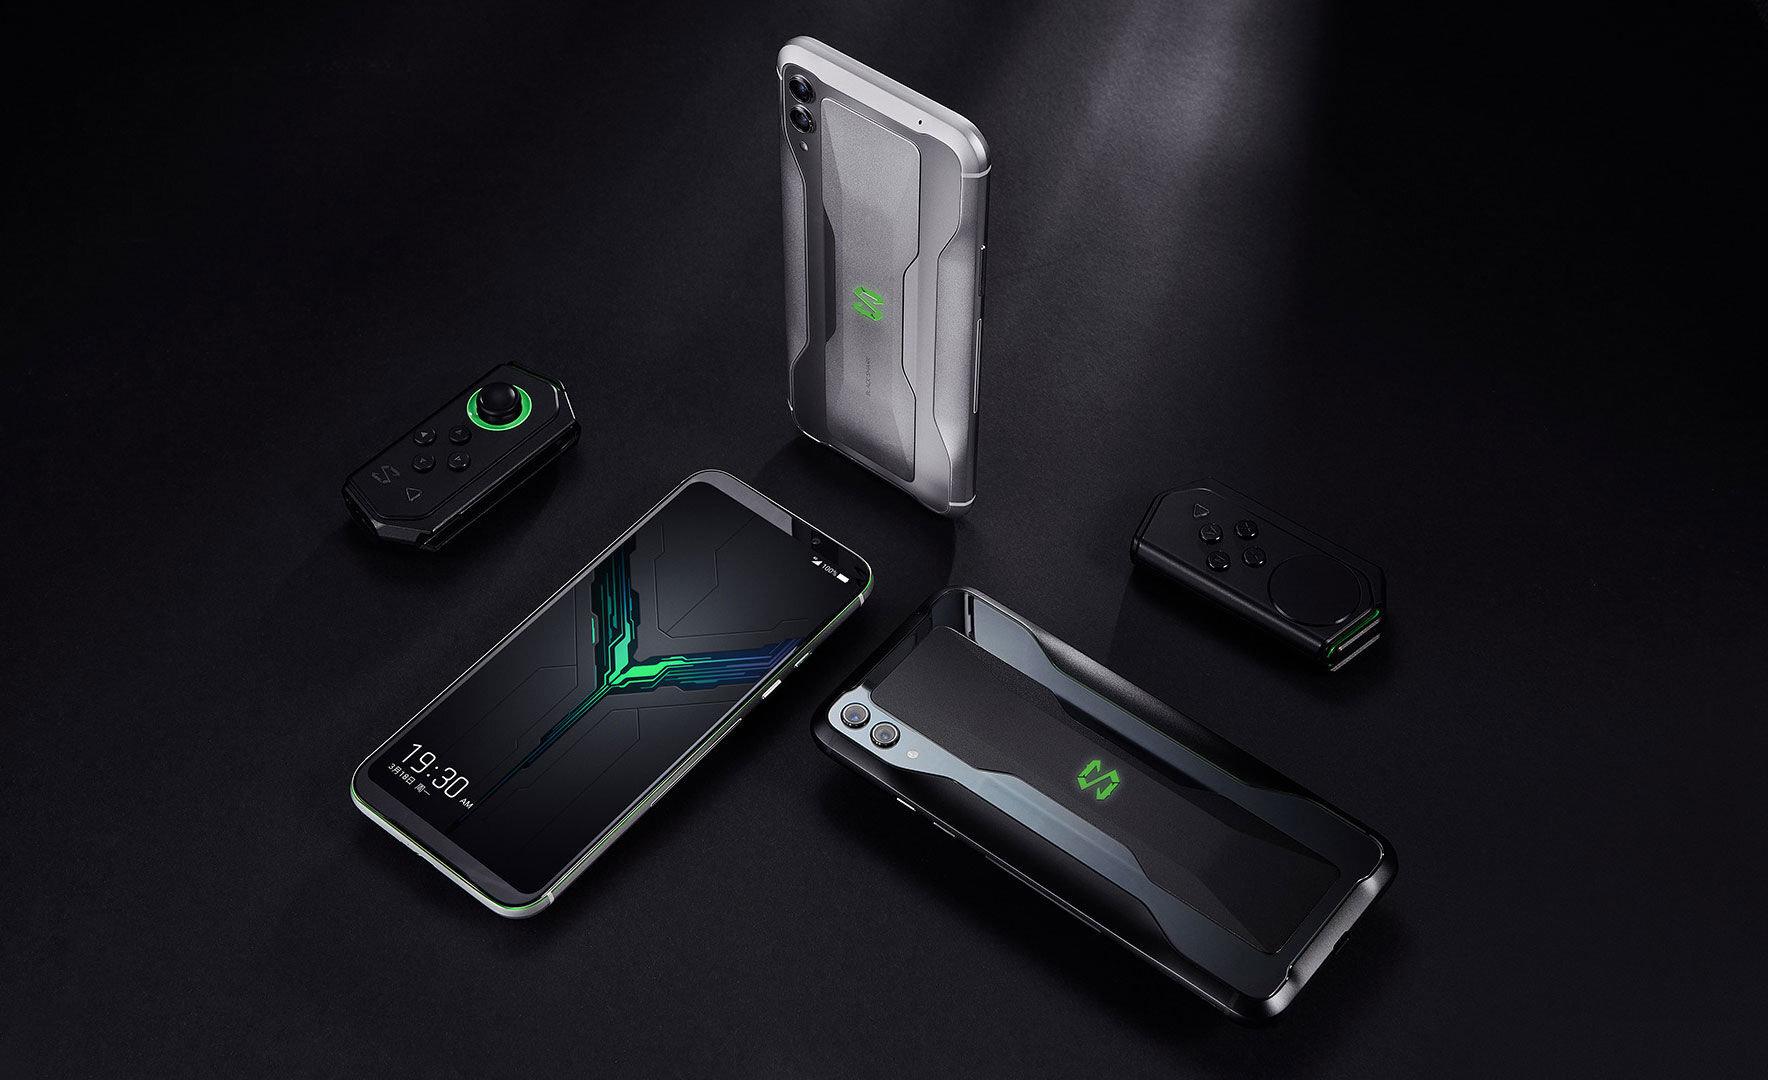 Xiaomi Black Shark 2 sở hữu viên pin với dung lượng cao cùng chế độ sạc nhanh giúp bạn dễ dàng nạp đầy năng lượng cho điện thoại trong thời gian ngắn nhất